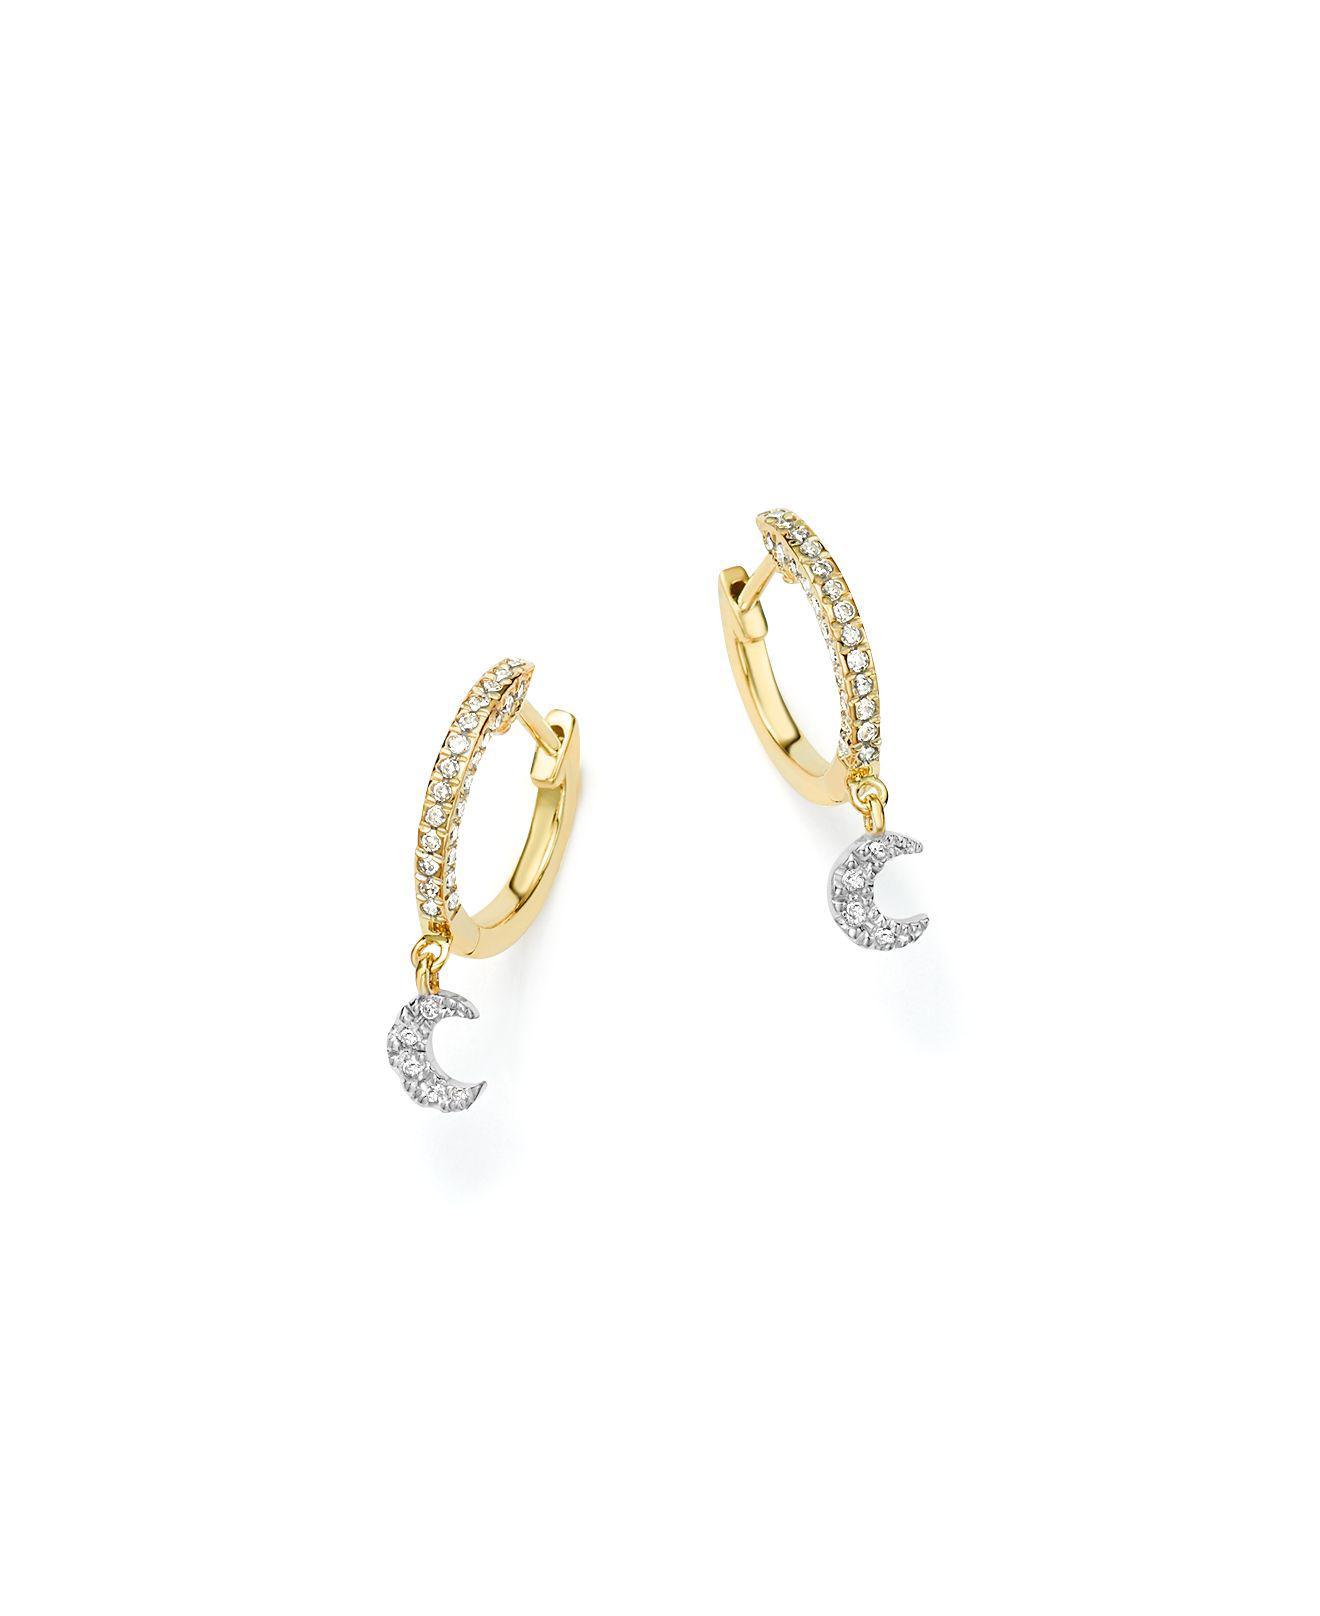 14K White Gold And Diamond Earrings Meira T WQG4MXk03d